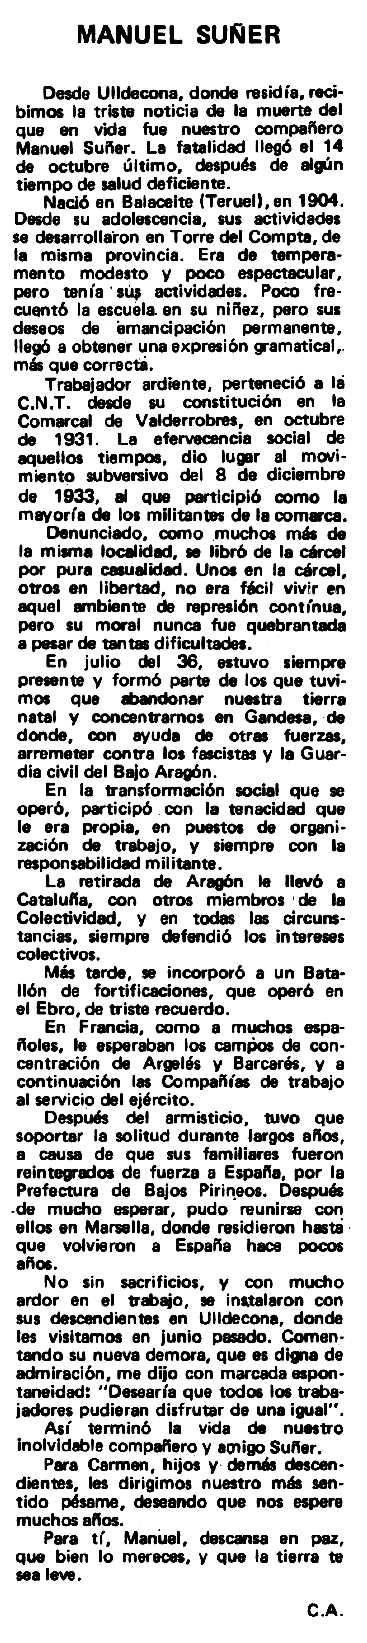 """Necrològica de Manuel Suñer Ferrer apareguda en el periòdic tolosà """"Espoir"""" del 17 de juny de 1980"""